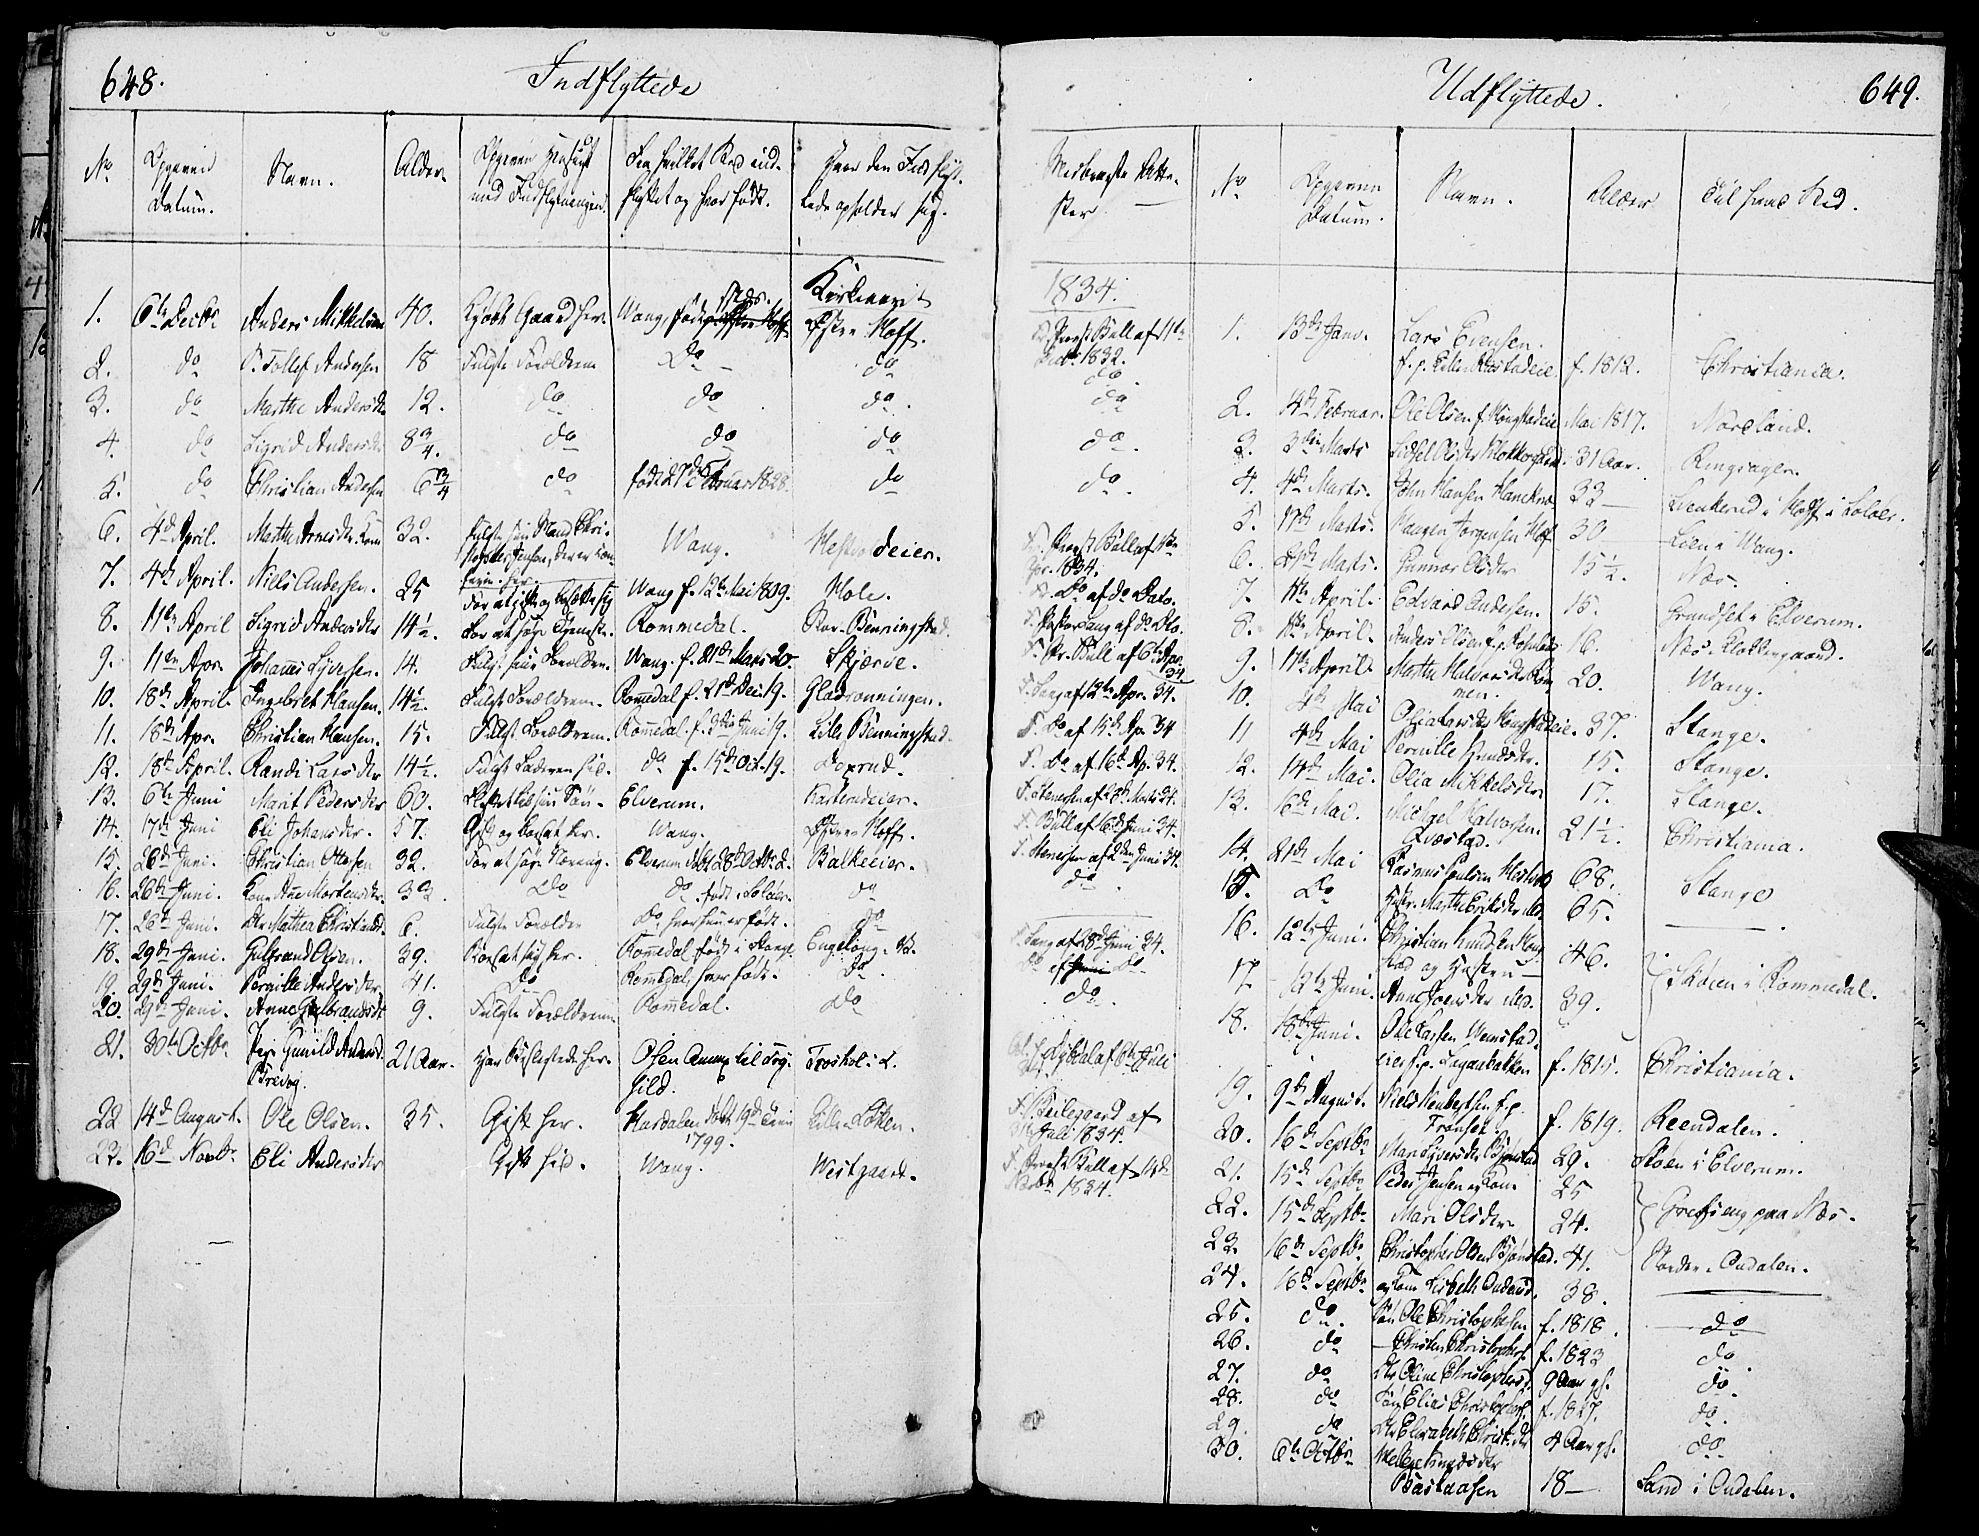 SAH, Løten prestekontor, K/Ka/L0006: Parish register (official) no. 6, 1832-1849, p. 648-649